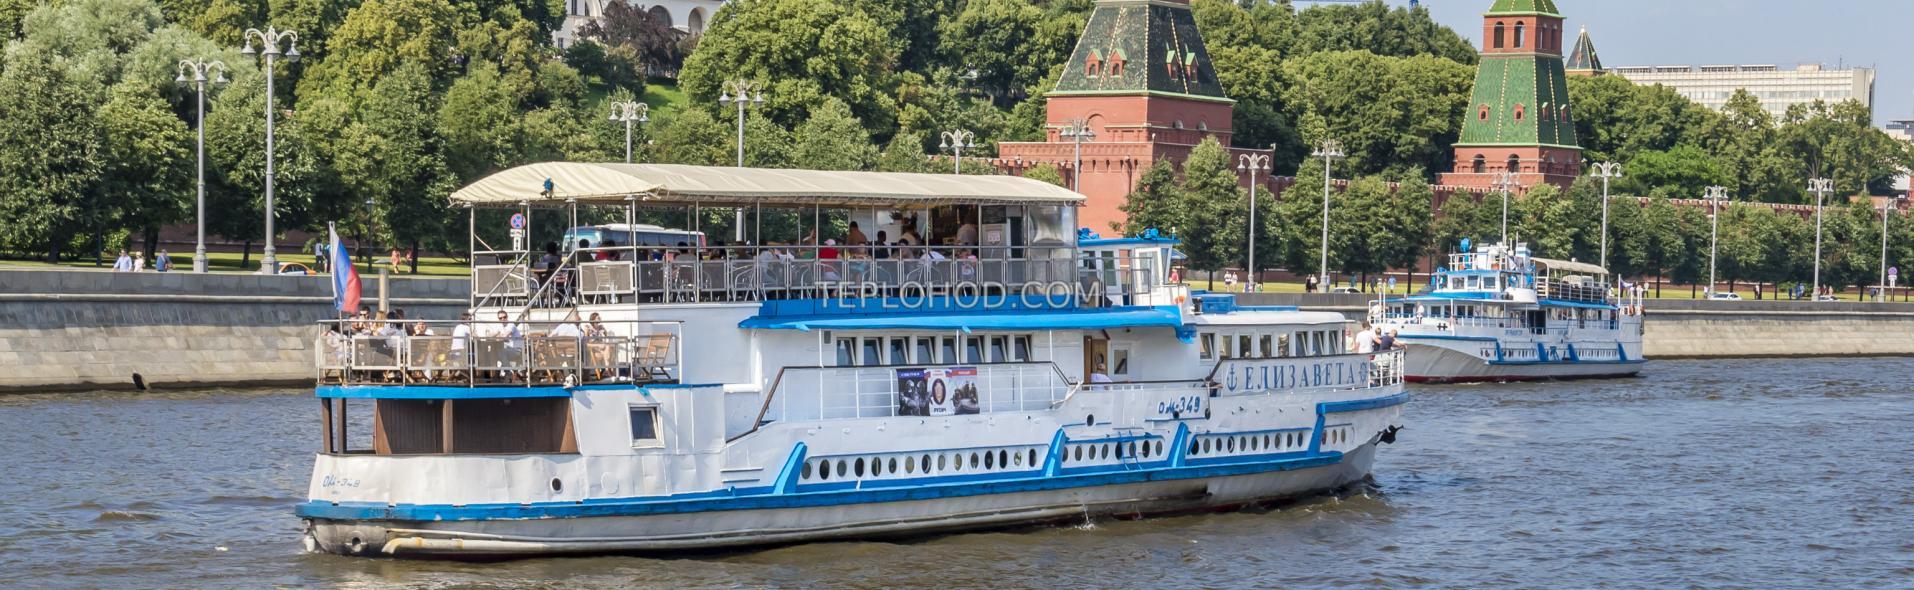 Московская речная прогулка по историческому центру с отправлением каждые 30 минут от Новоспасского моста